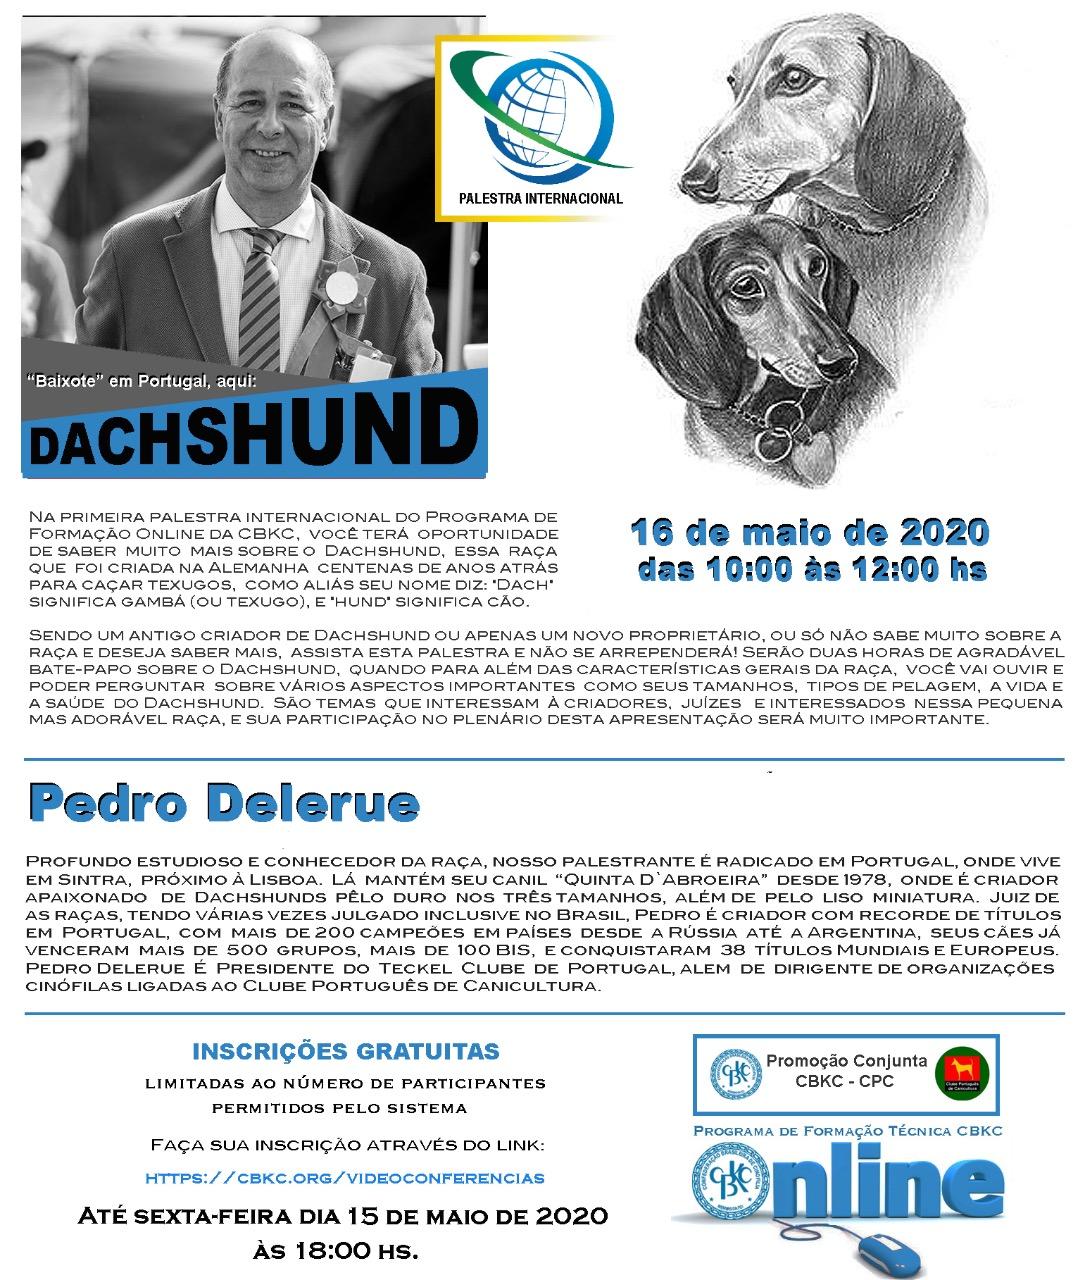 Imagem Videoconferências CBKC: Baixote em Portugal, aqui: Daschshund